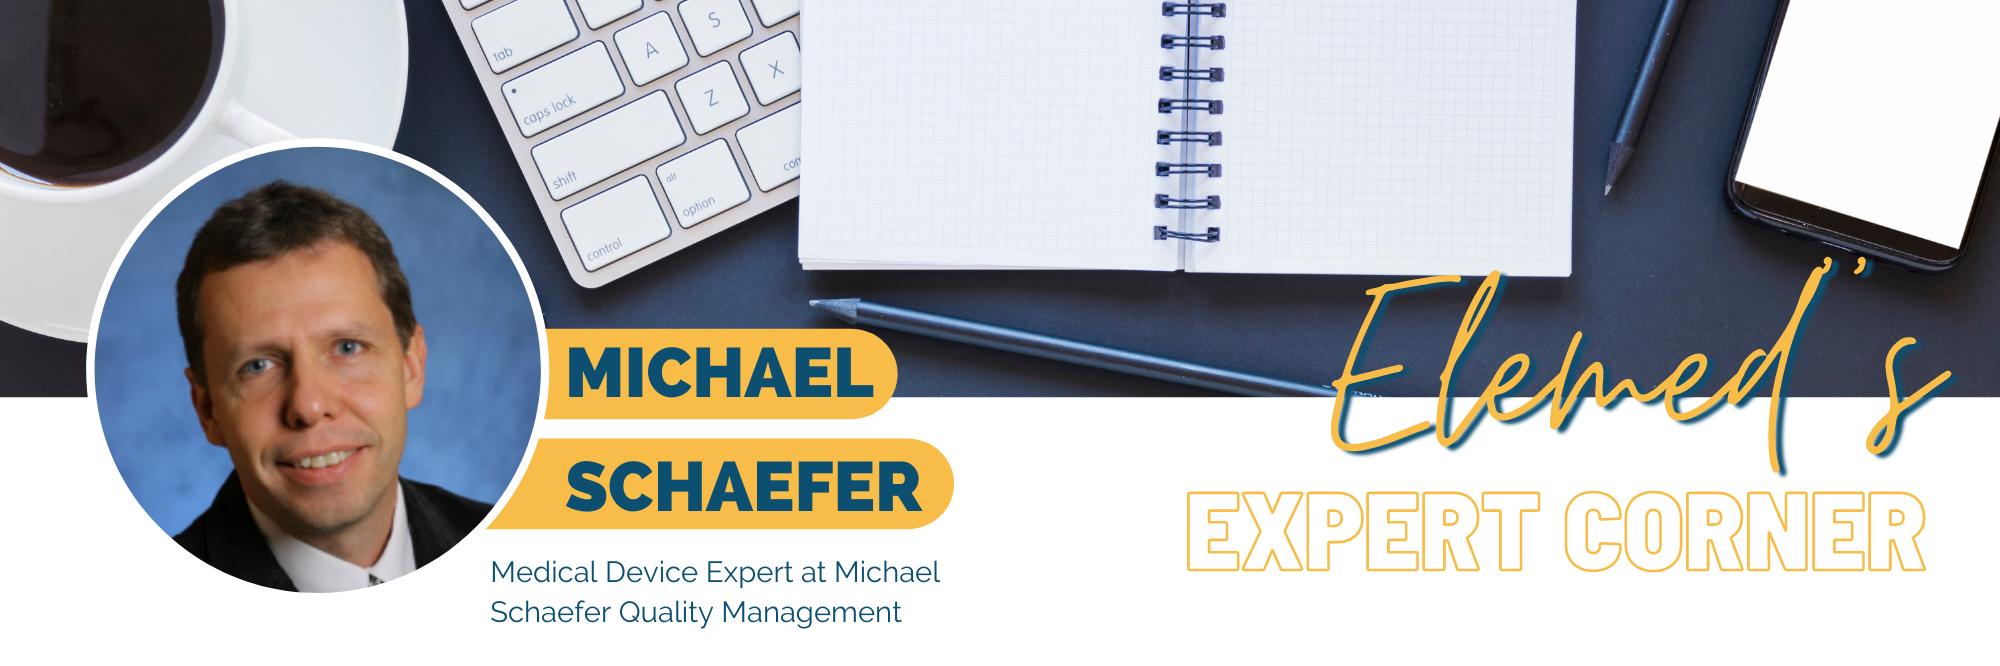 Michael Schaefer blog